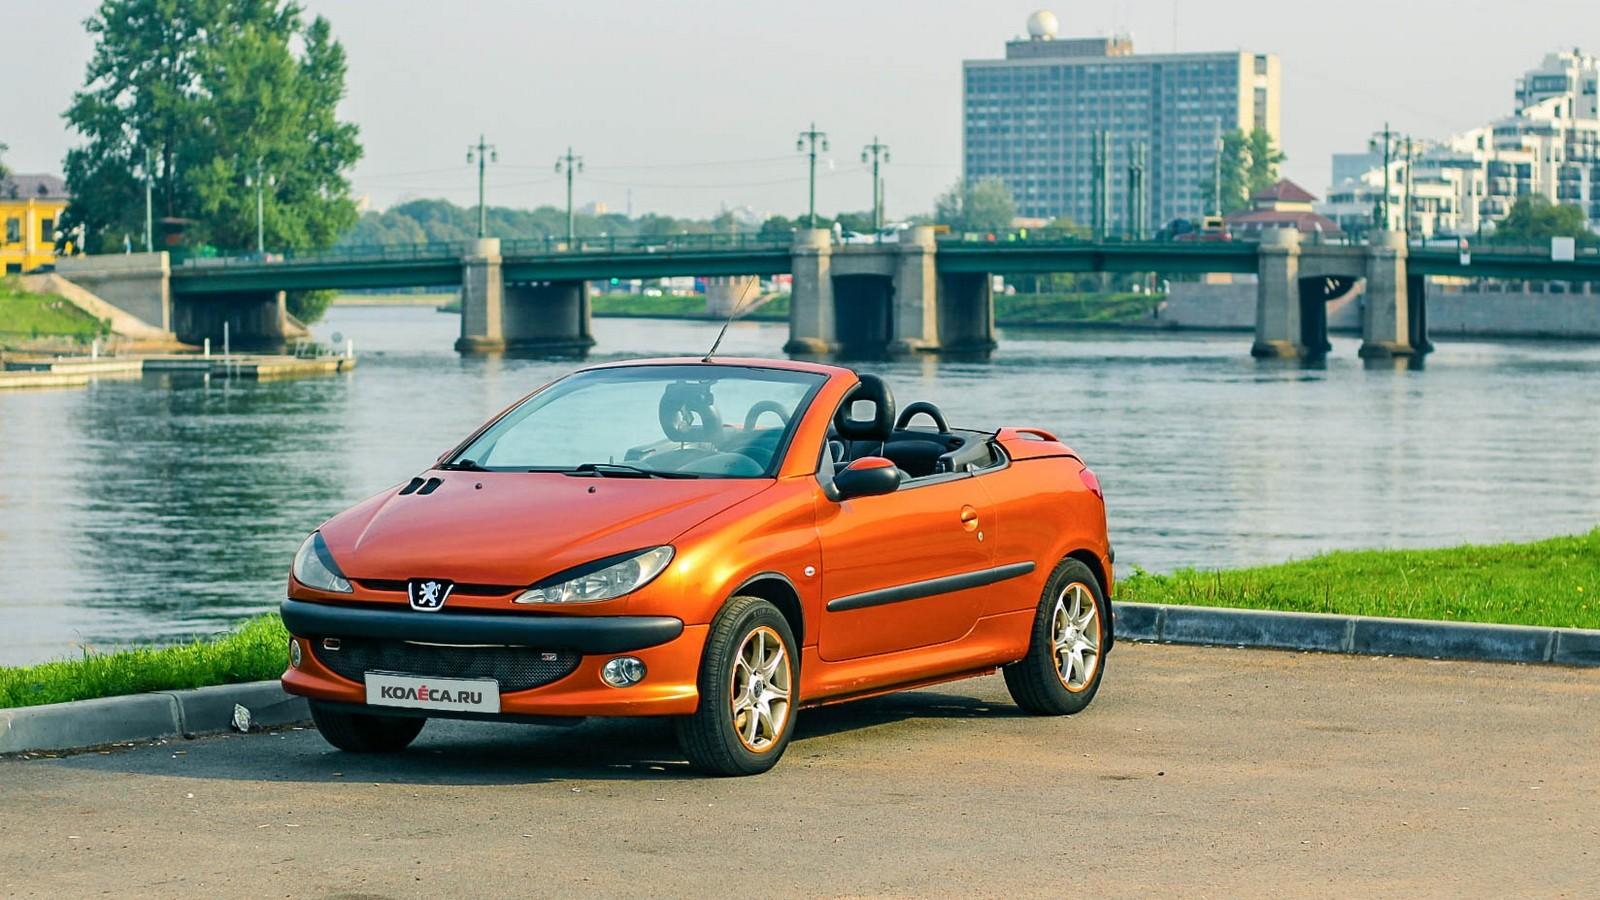 Peugeot 206 СС оранжевый три четверти